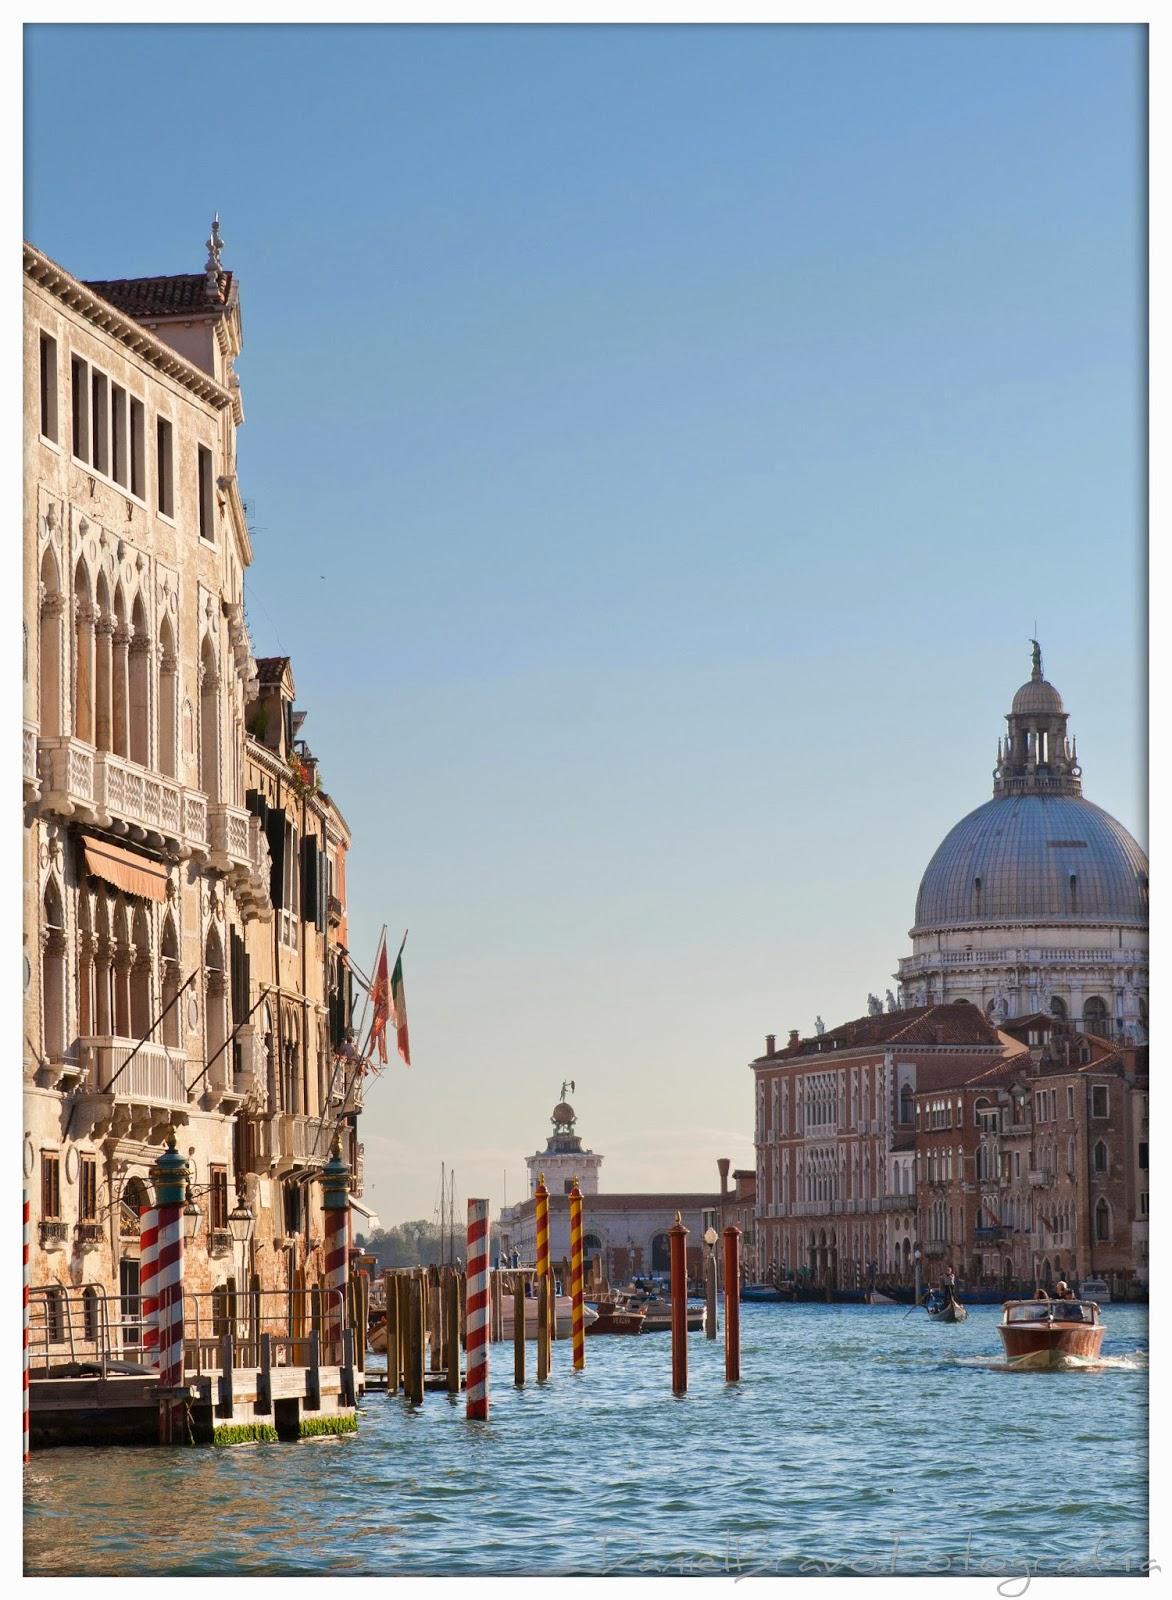 Vista del Gran Canal de Venecia